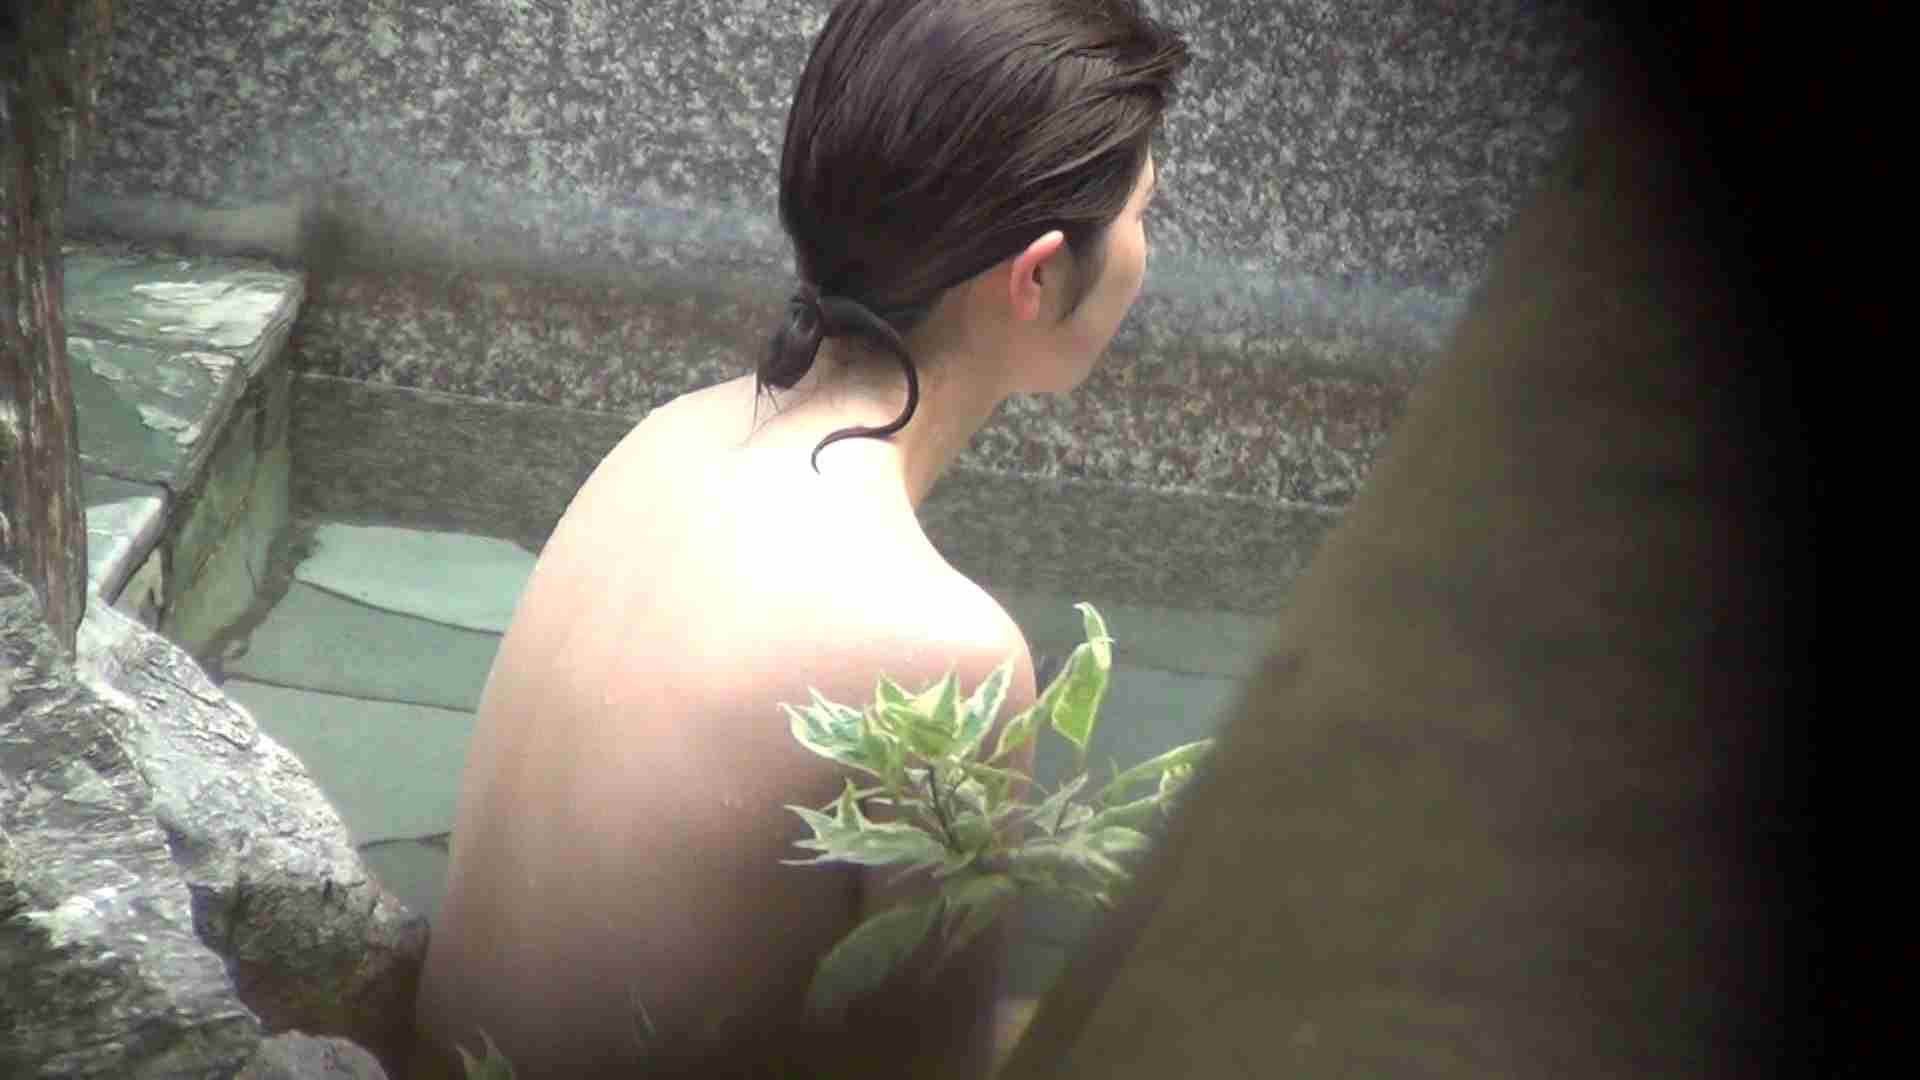 Aquaな露天風呂Vol.262 女体盗撮 のぞき濡れ場動画紹介 55連発 47